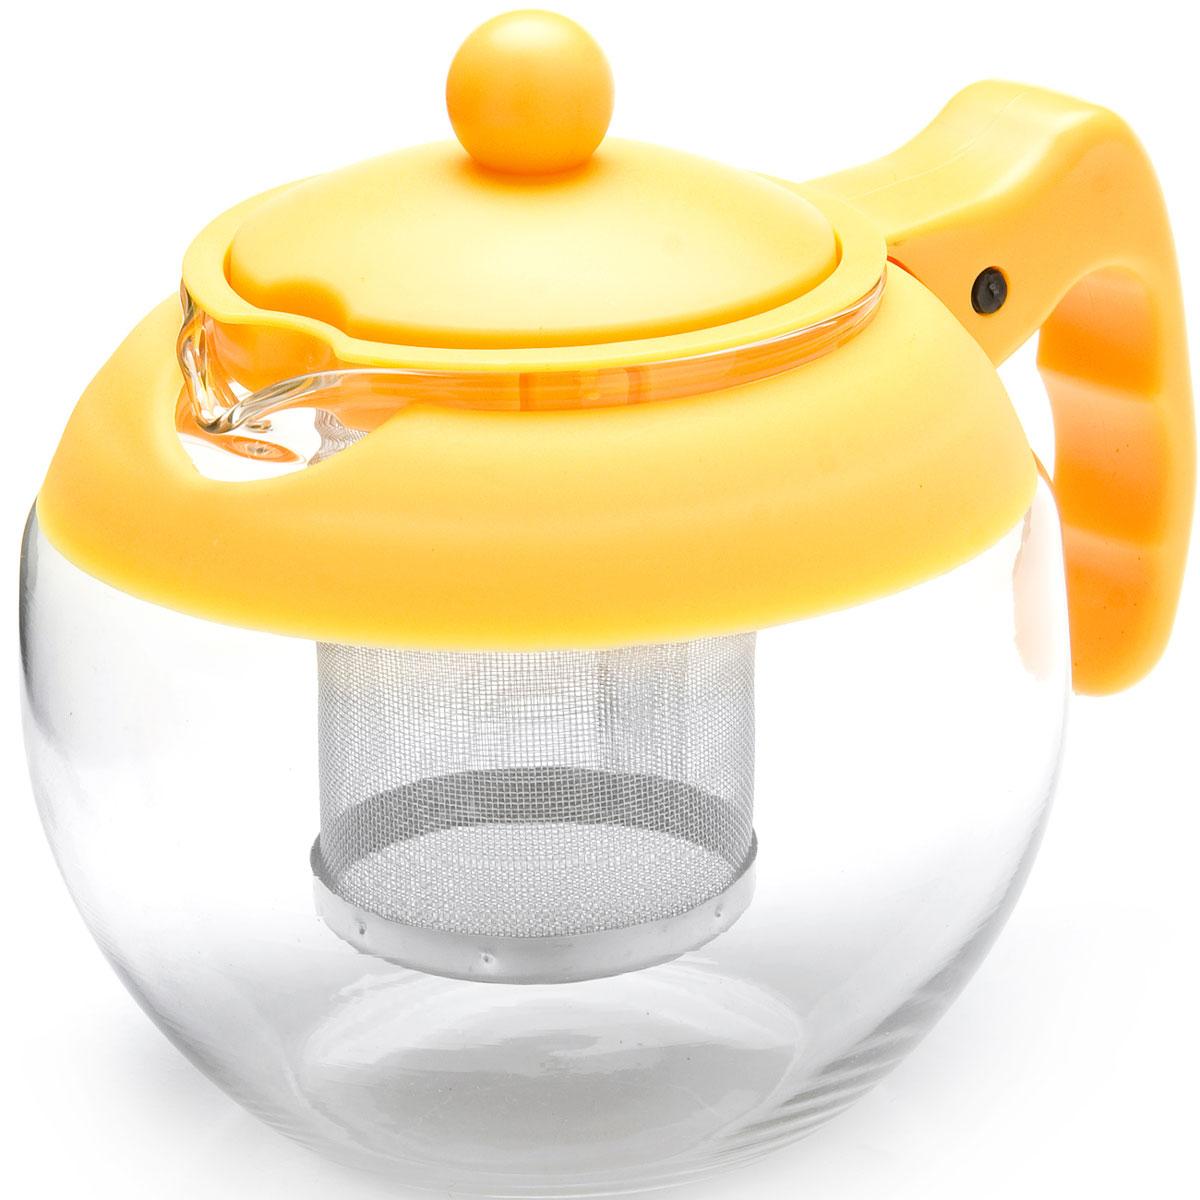 Чайник заварочный Mayer & Boch, с фильтром, цвет: желтый, 750 мл. 26174-226174-2Заварочный чайник Mayer & Boch изготовлен из термостойкого боросиликатного стекла, фильтр выполнен из нержавеющей стали. Изделия из стекла не впитывают запахи, благодаря чему вы всегда получите натуральный, насыщенный вкус и аромат напитков. Заварочный чайник из стекла удобно использовать для повседневного заваривания чая практически любого сорта. Но цветочные, фруктовые, красные и желтые сорта чая лучше других раскрывают свой вкус и аромат при заваривании именно в стеклянных чайниках, а также сохраняют все полезные ферменты и витамины, содержащиеся в чайных листах. Стальной фильтр гарантирует прозрачность и чистоту напитка от чайных листьев, при этом сохранив букет и насыщенность чая.Прозрачные стенки чайника дают возможность насладиться насыщенным цветом заваренного чая. Изящный заварочный чайник Mayer & Boch будет прекрасно смотреться в любом интерьере. Подходит для мытья в посудомоечной машине.